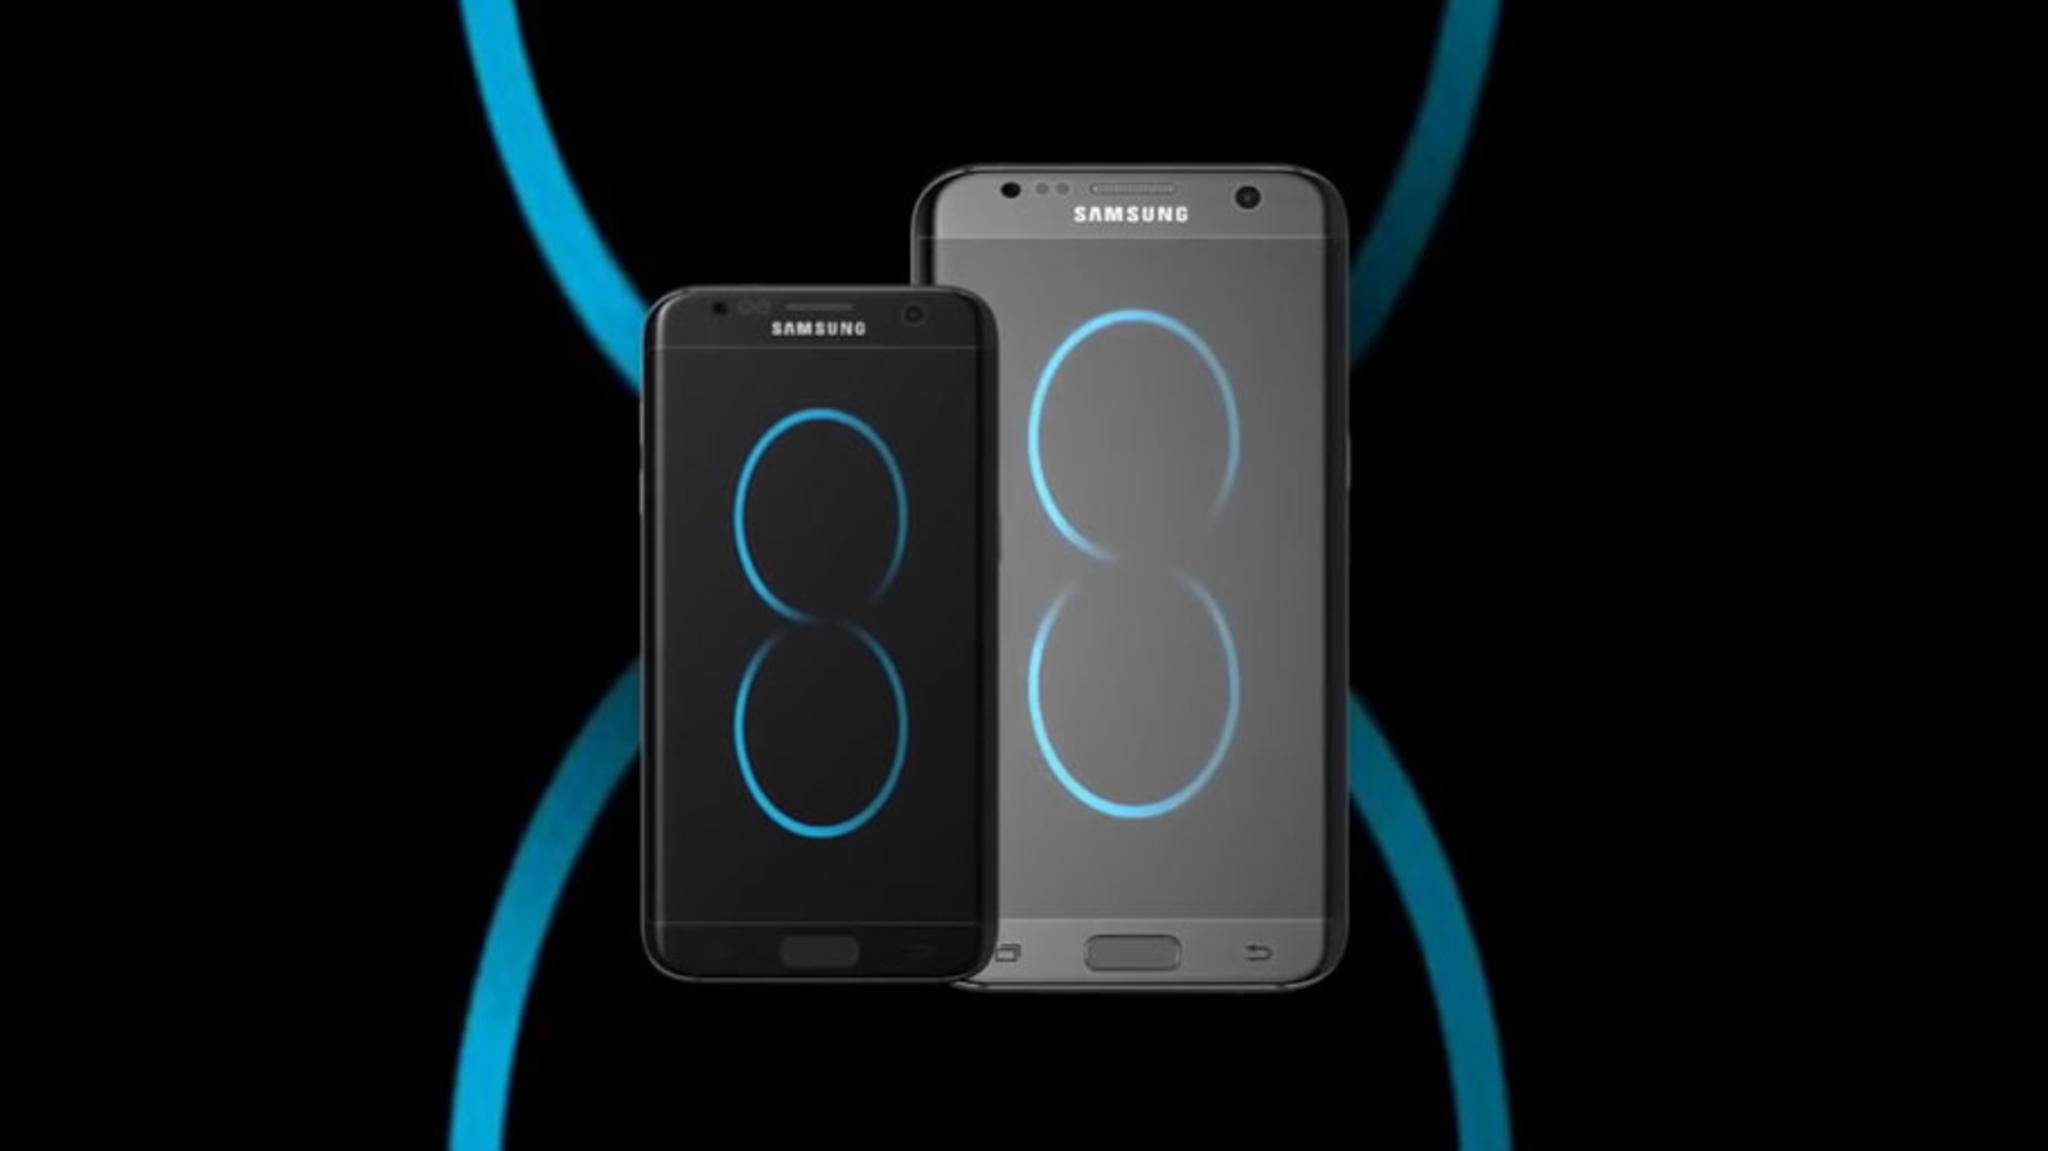 Neben dem normalen Galaxy S8 soll es auch noch eine größere Phablet-Version geben.